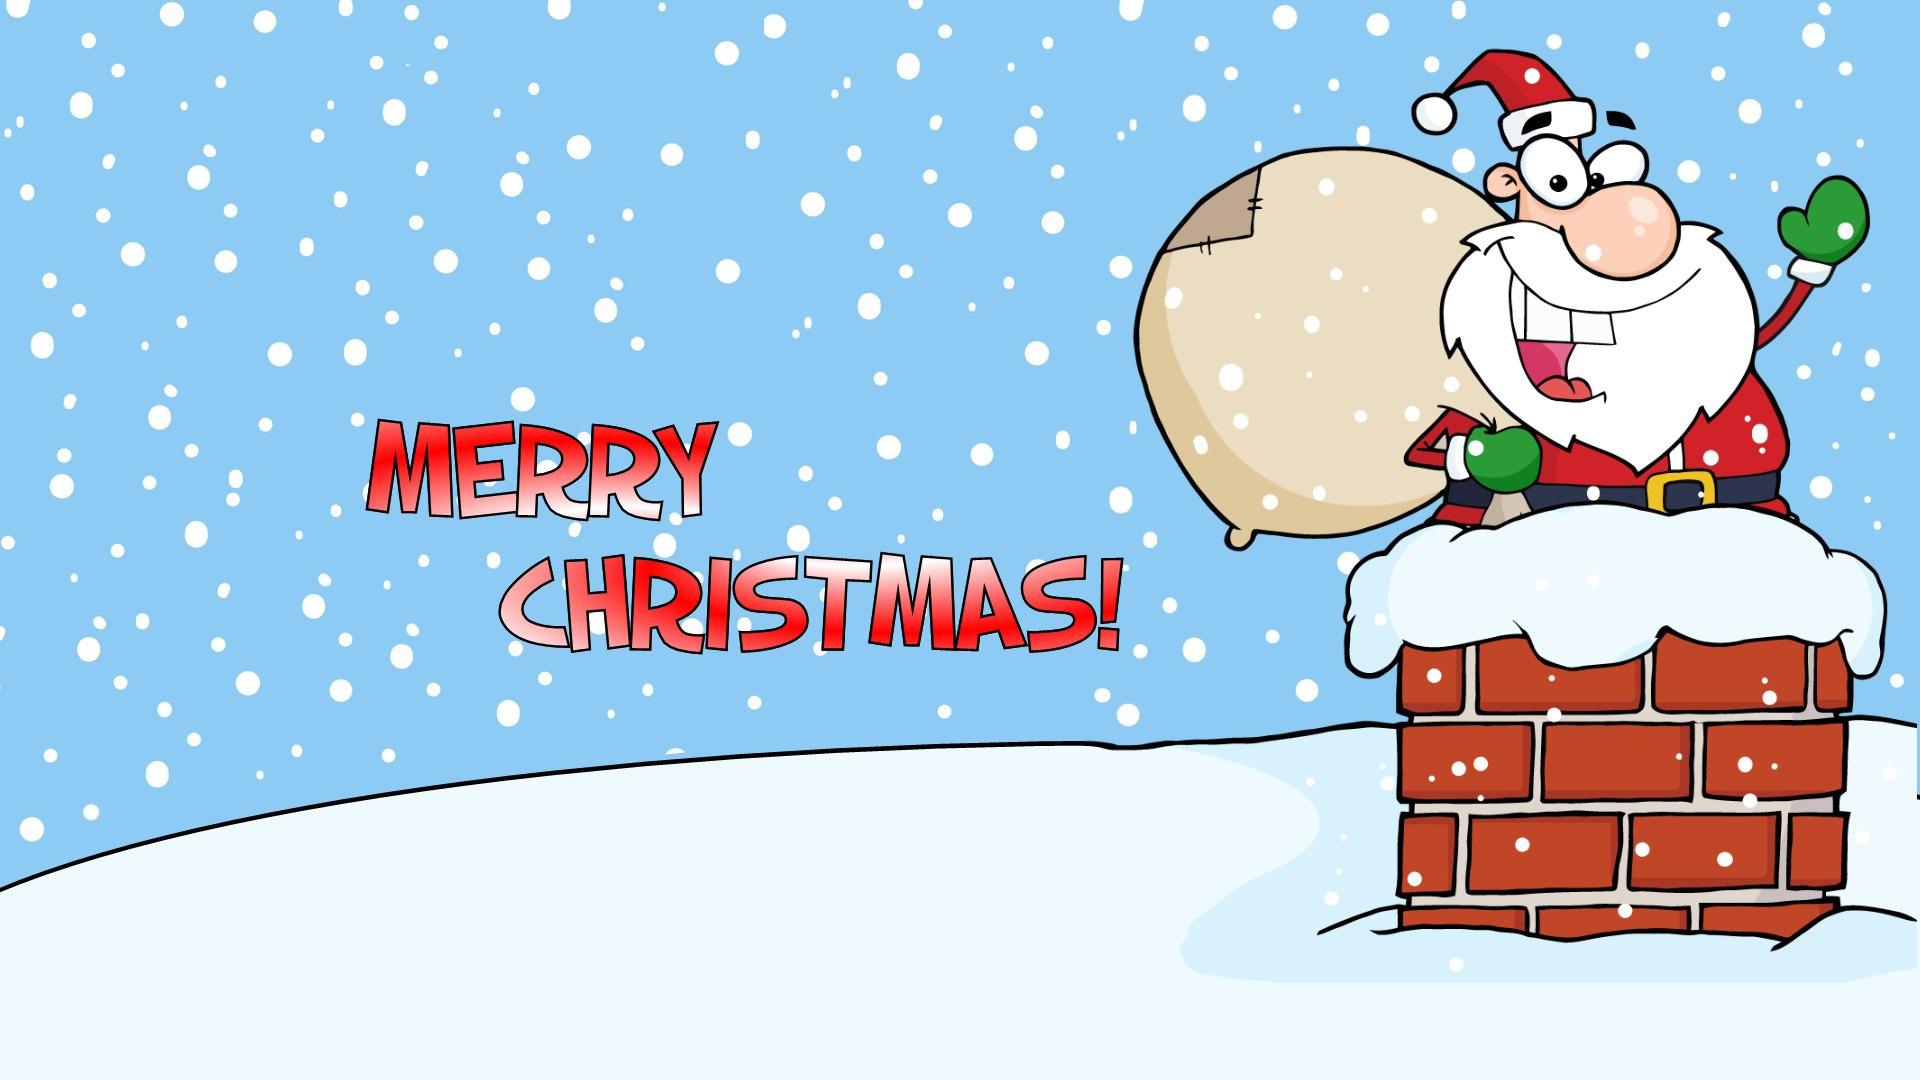 Hintergrundbilder Frohe Weihnachten.Frohe Weihnachten Hd Wallpaper Feature 10 1920x1080